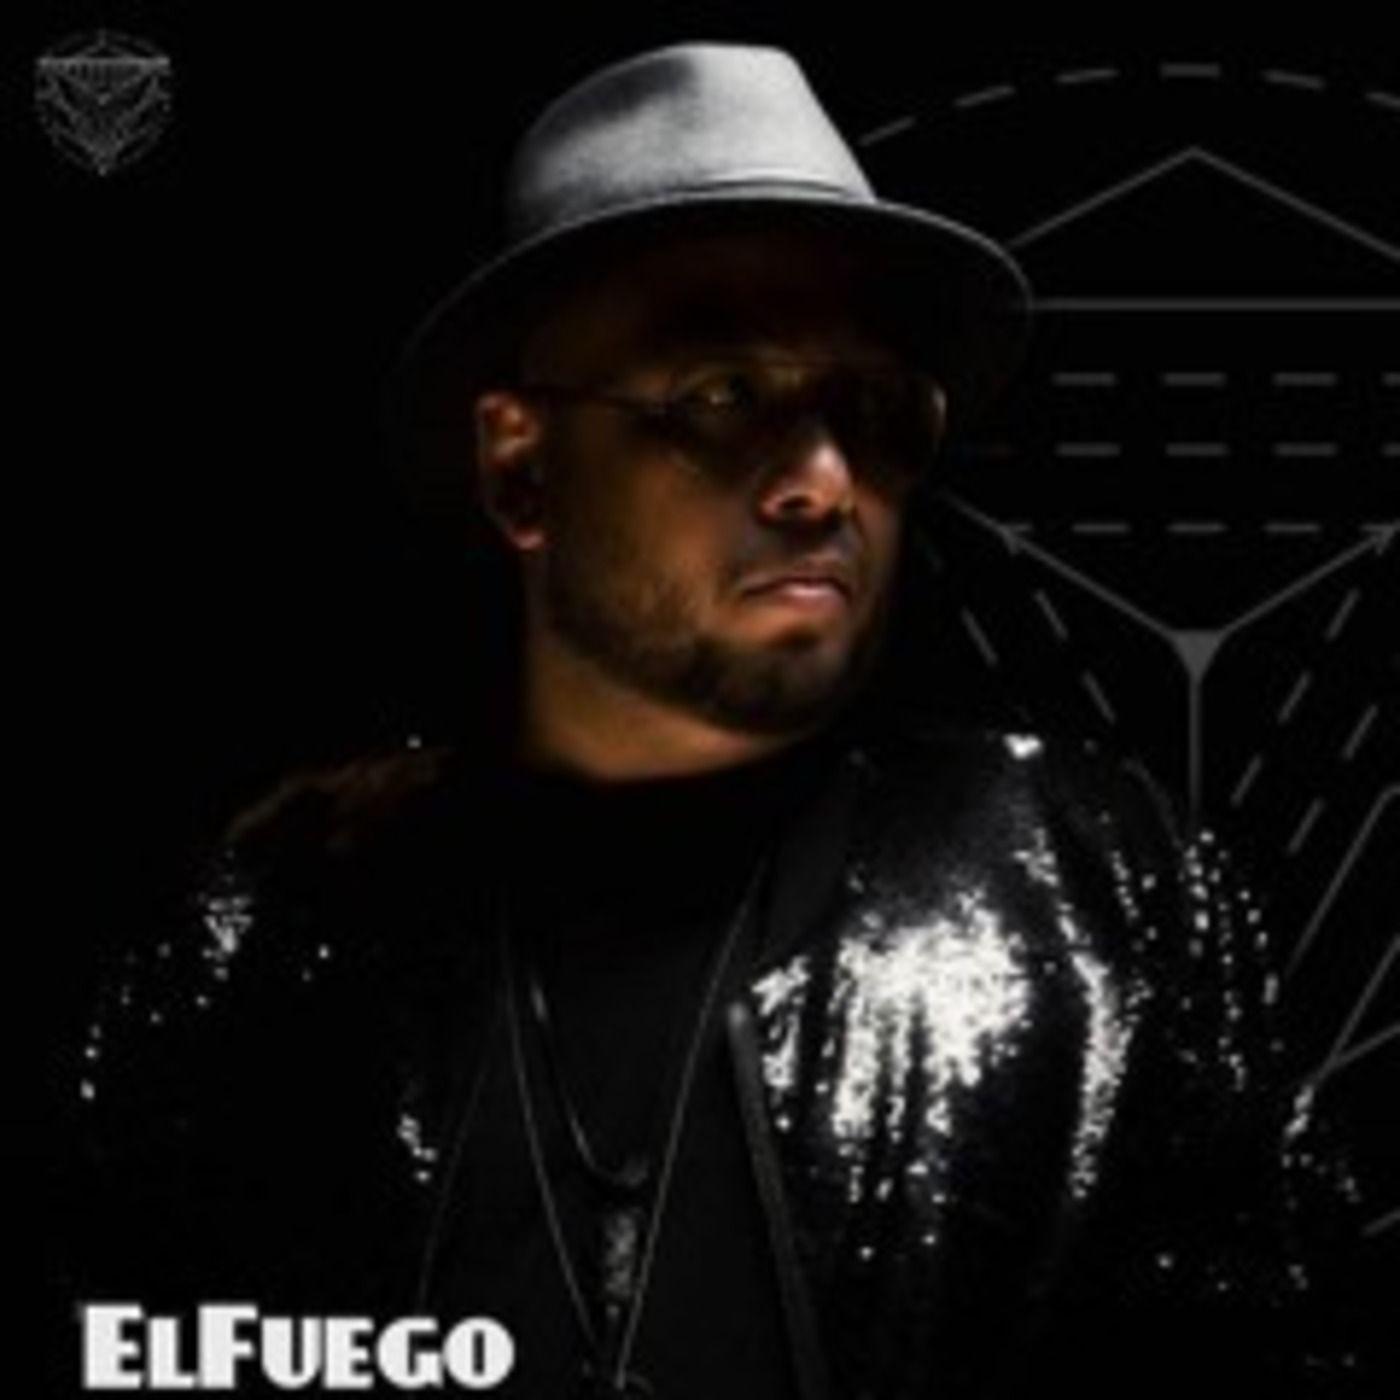 Elfuego - #Beatlife MIX 2021